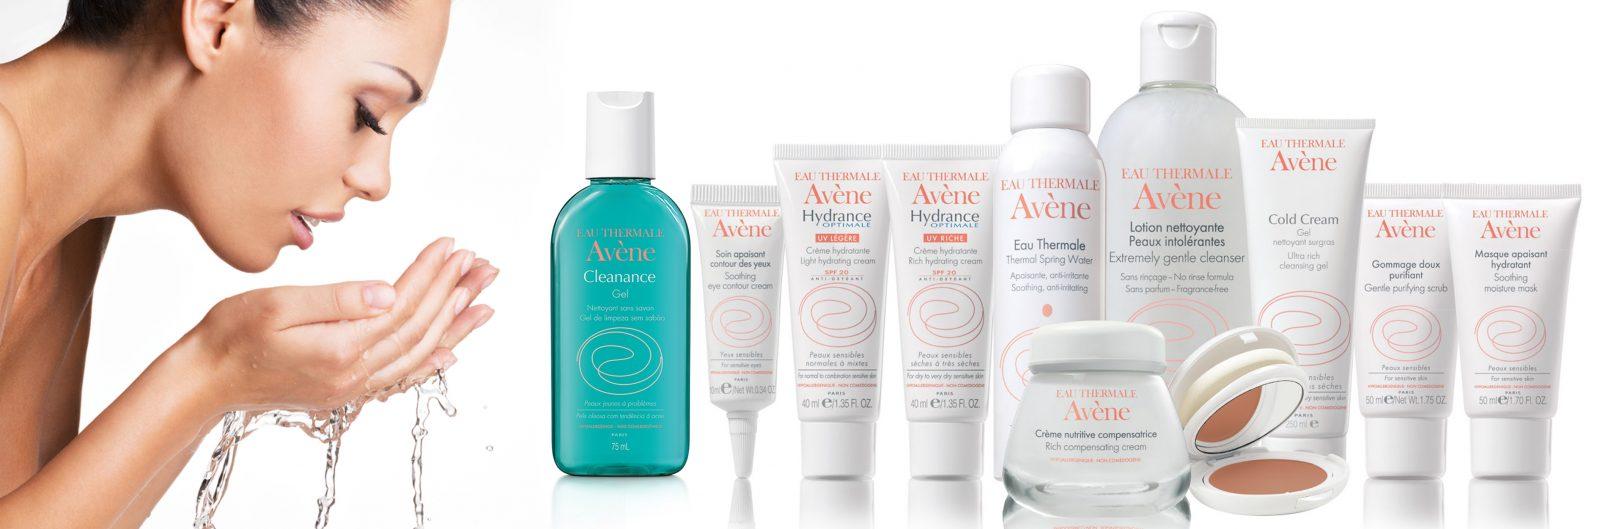 Giornata Avene - Farmacia Maccioni